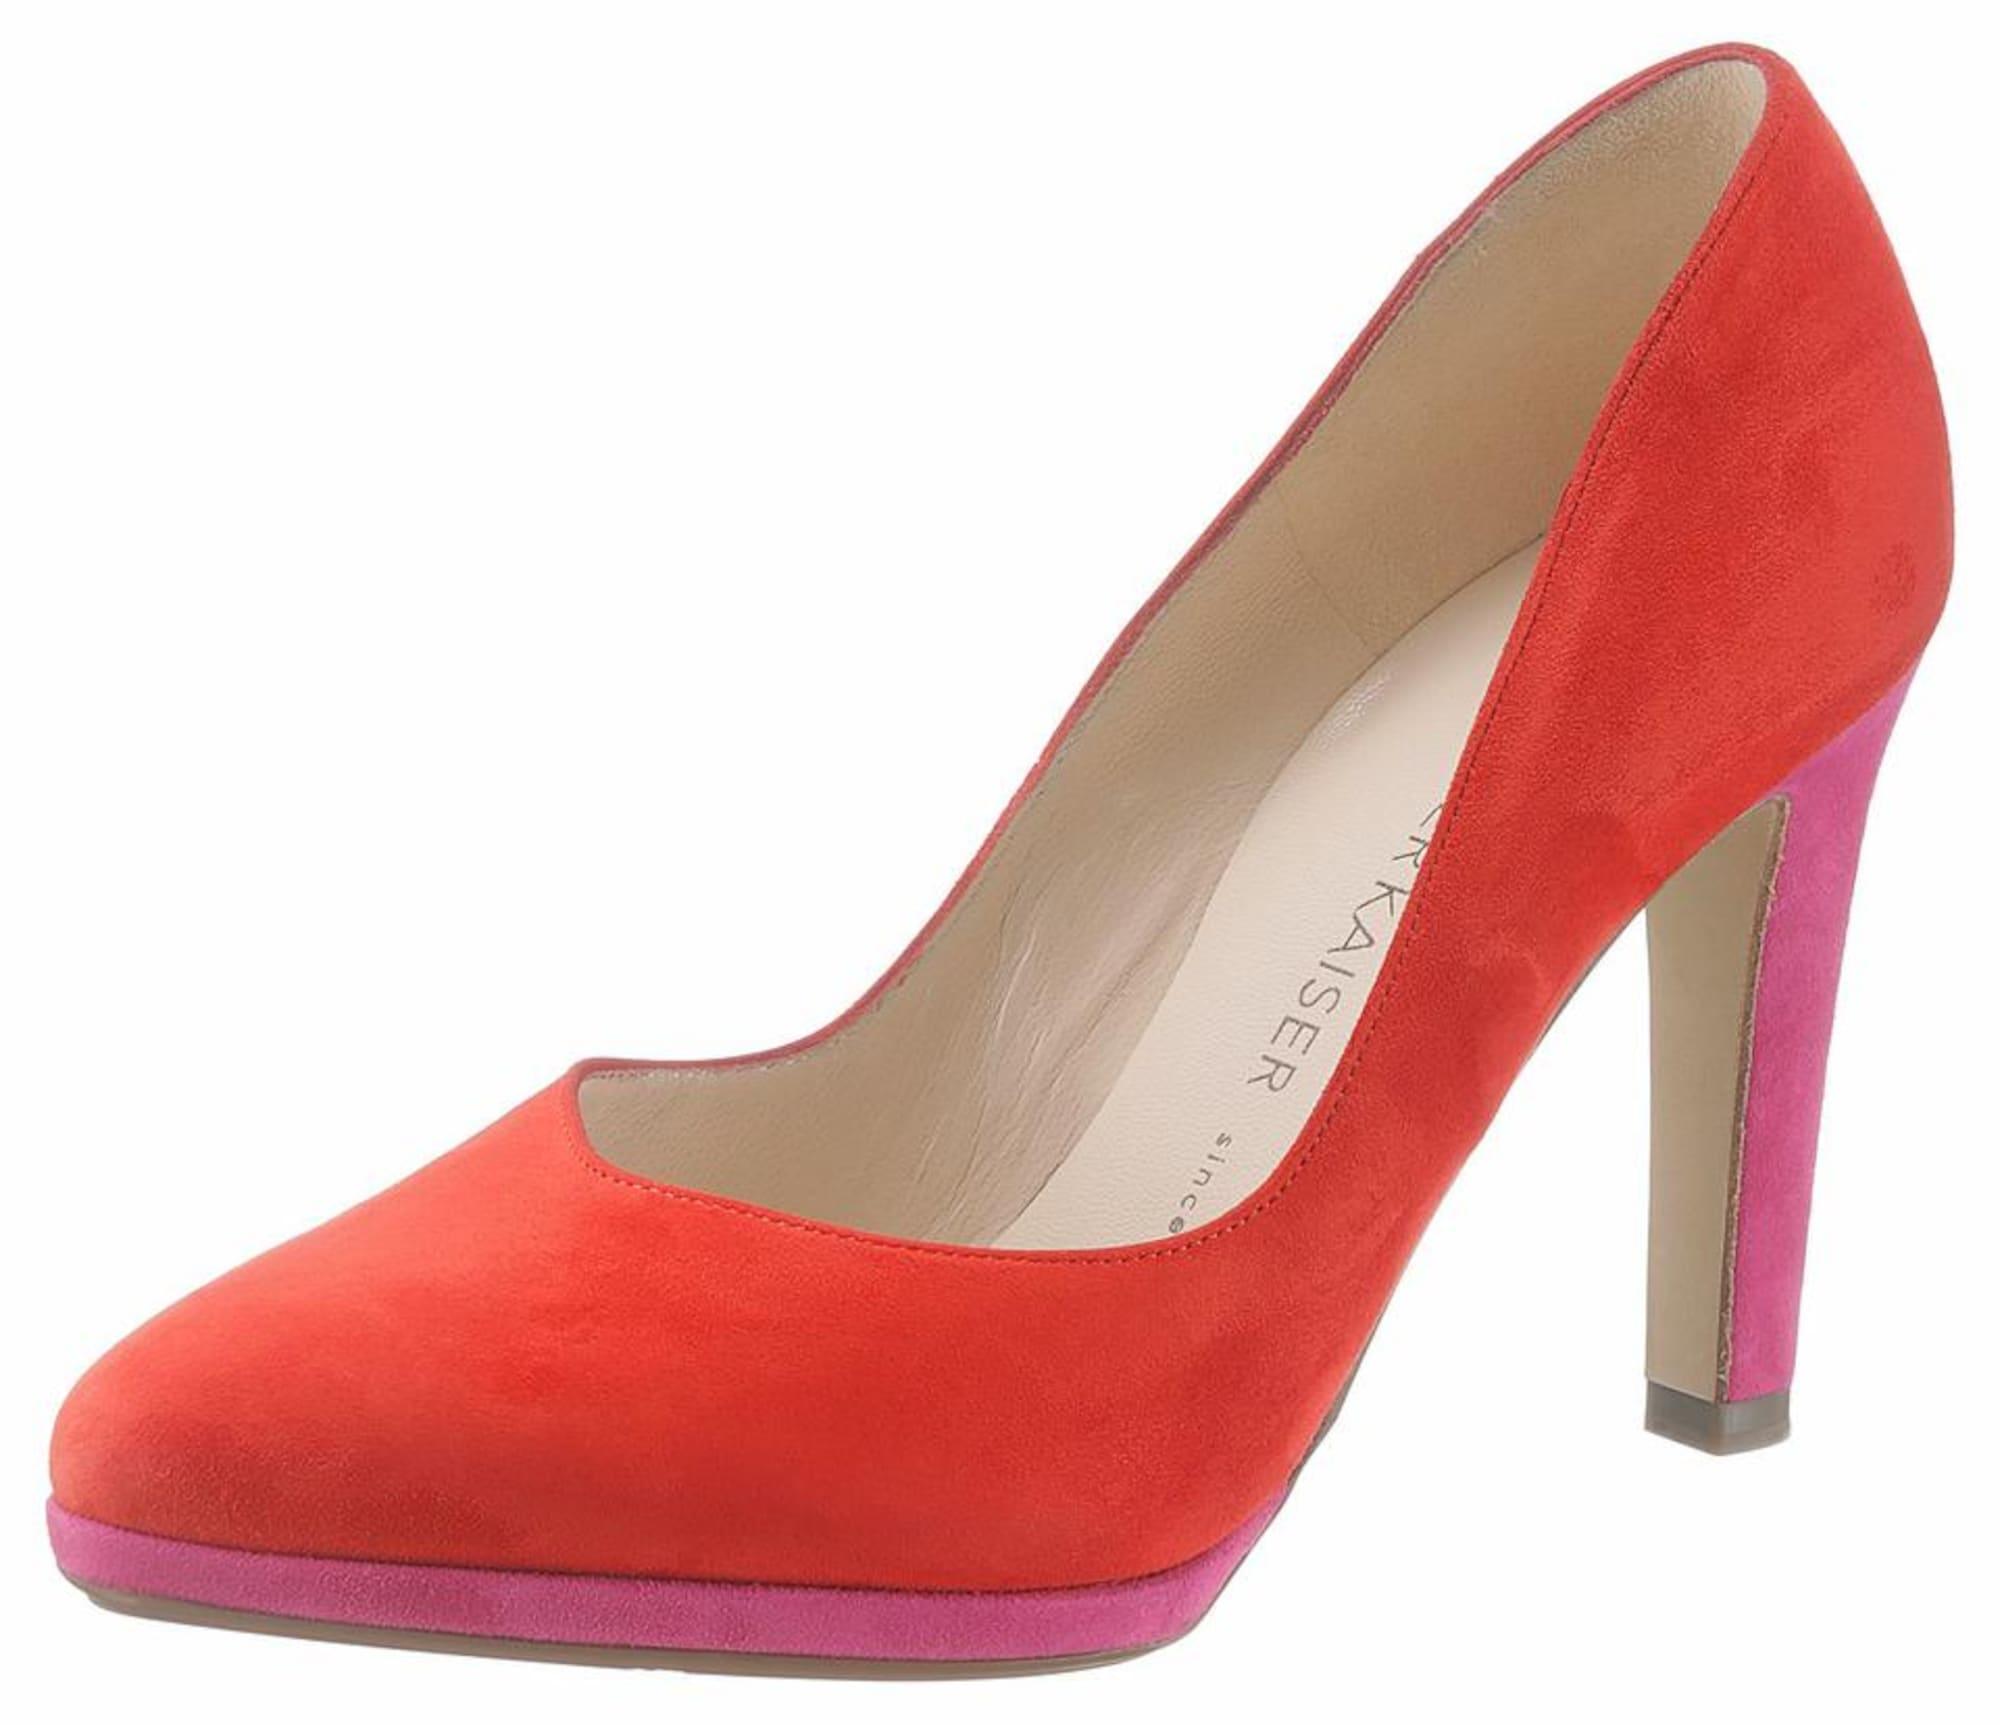 High-Heel-Pumps 'Herdi' | Schuhe > High Heels > High Heel Pumps | Pink | Peter Kaiser